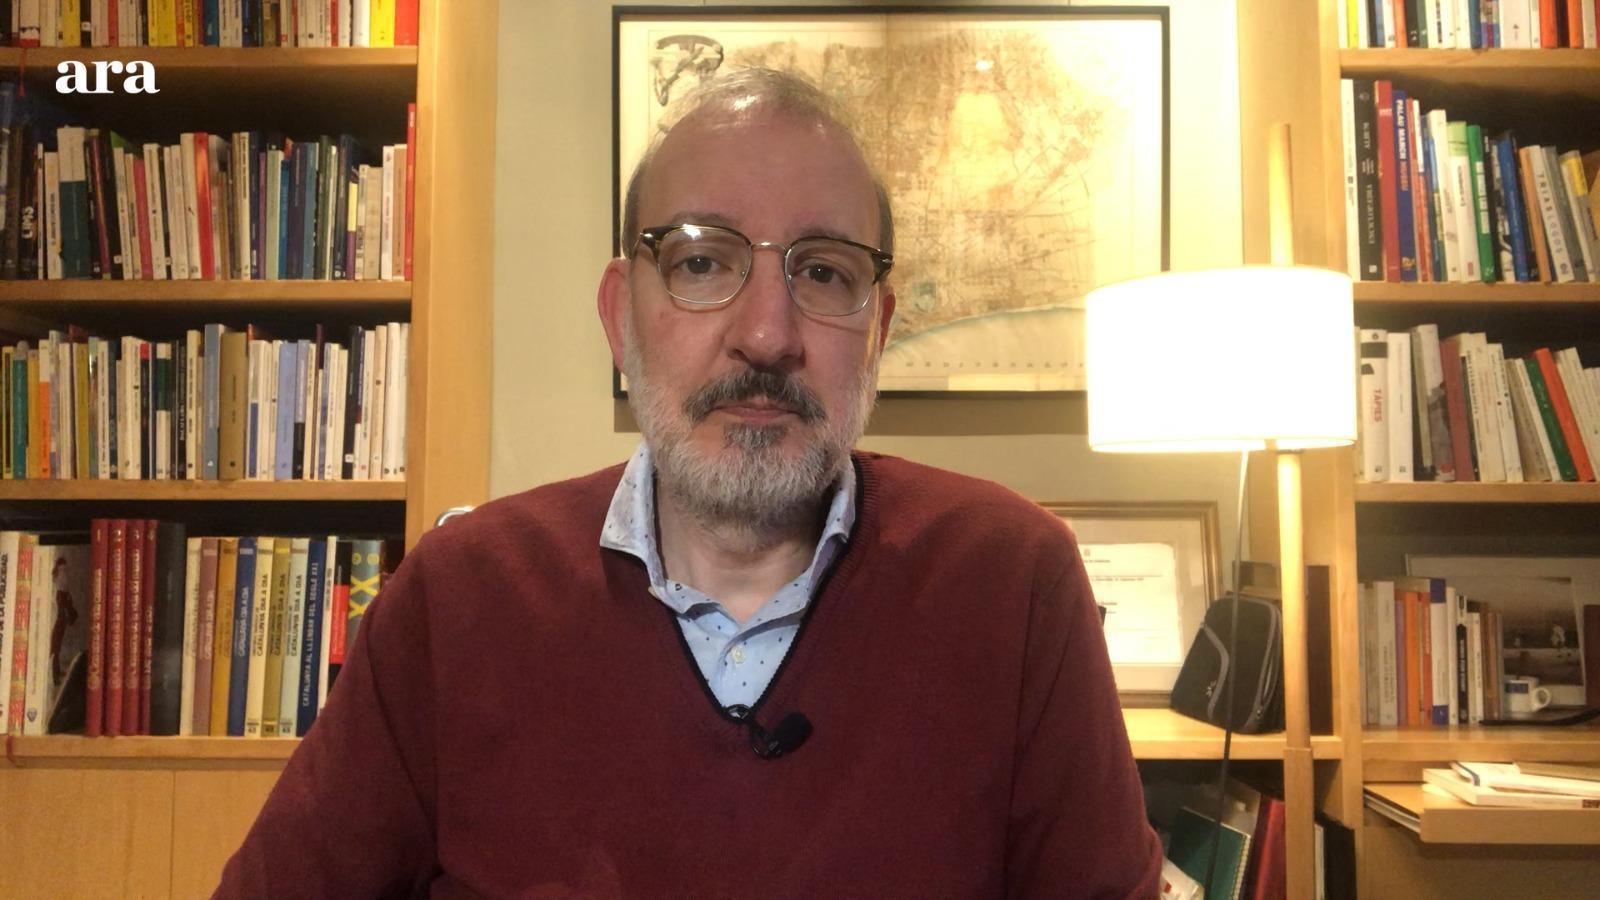 516 morts a Catalunya, i preocupeu-vos només si sentiu ofec: les claus del dia, amb Antoni Bassas (25/03/2020)